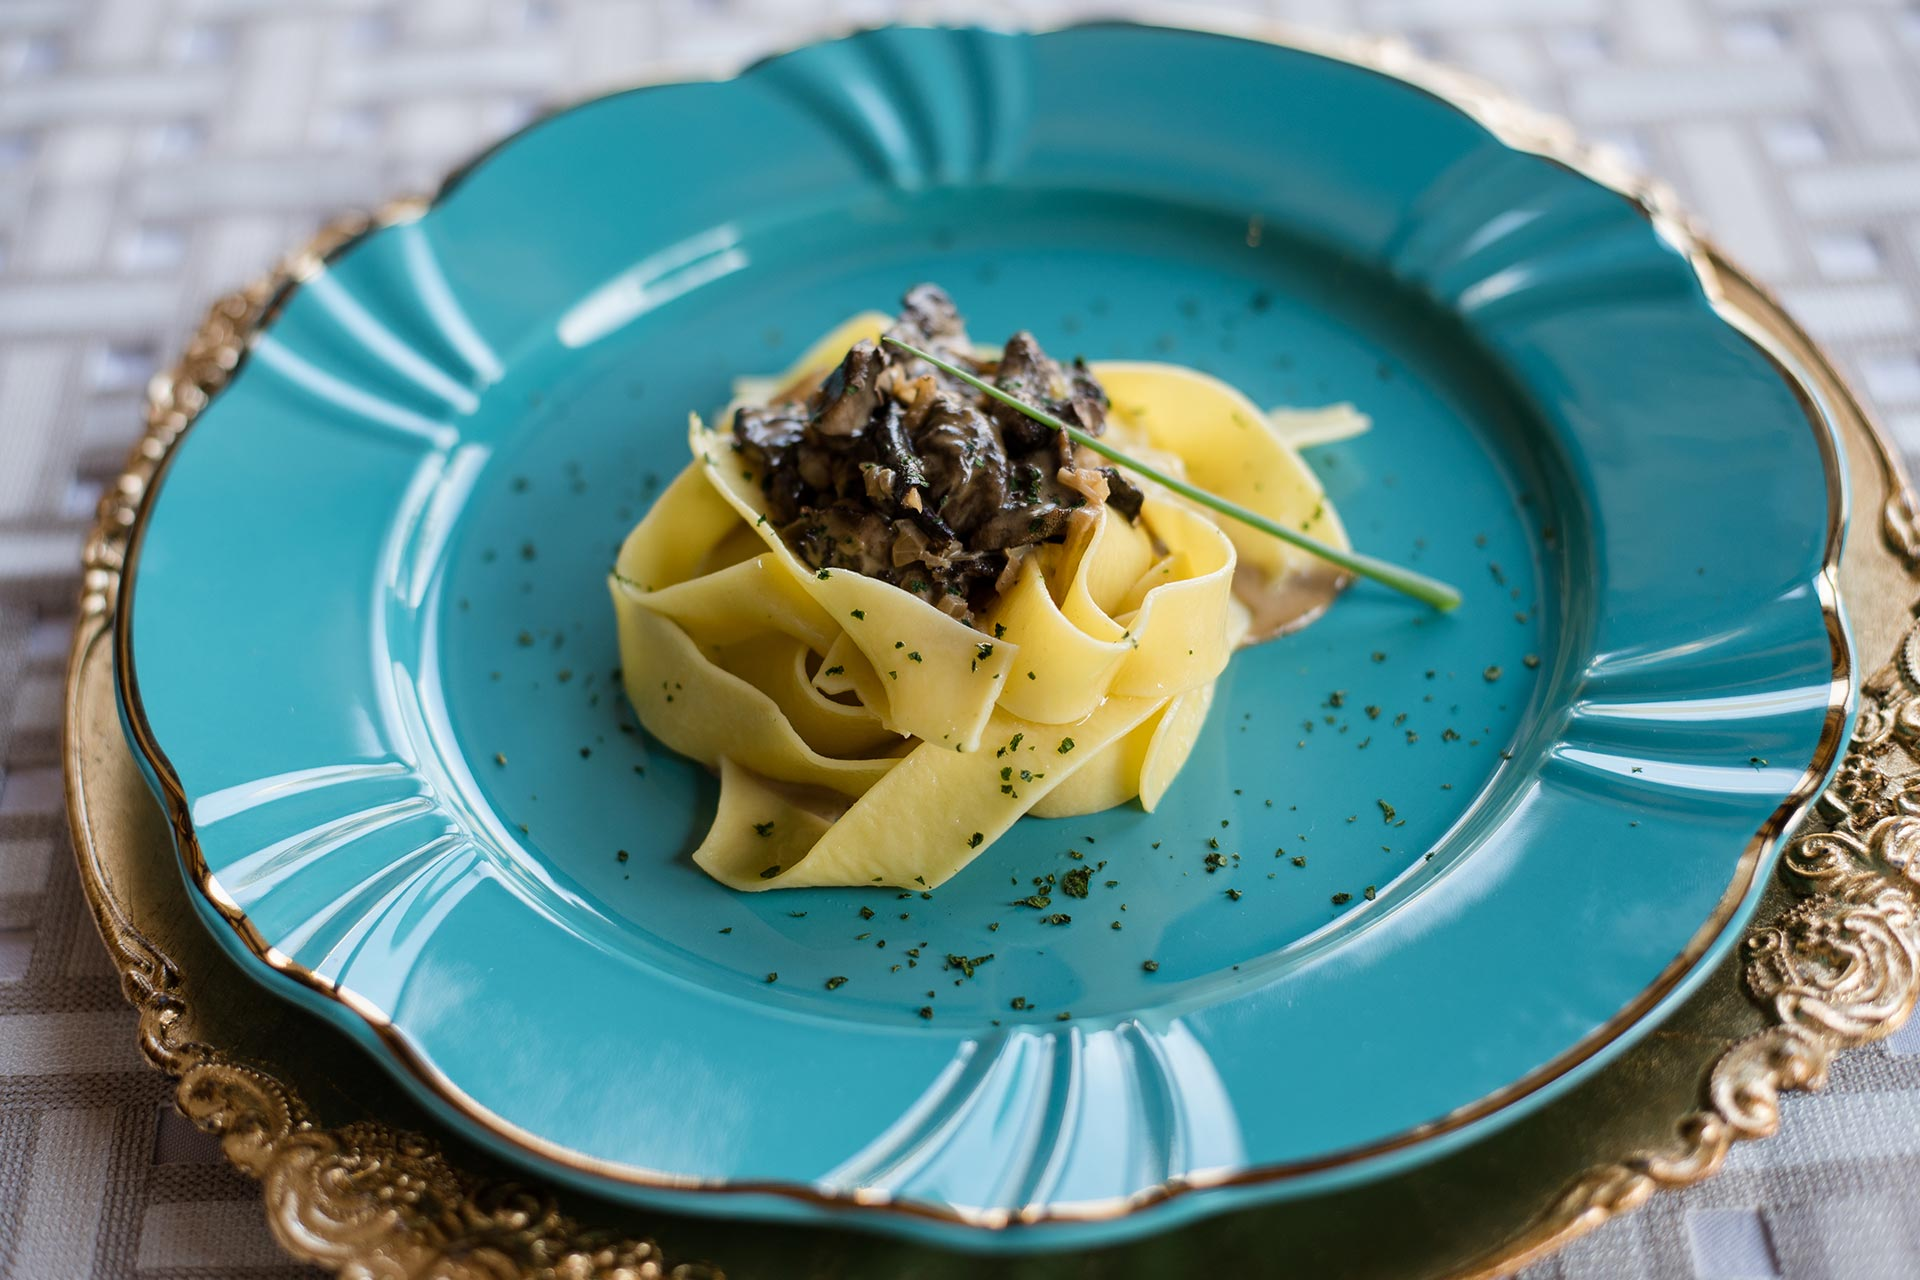 Imagem: Simples e rápida! Essa receita de macarrão com molho funghi é perfeita para quem não gosta de passar muito tempo no fogão! Foto: Karla Rudnick.